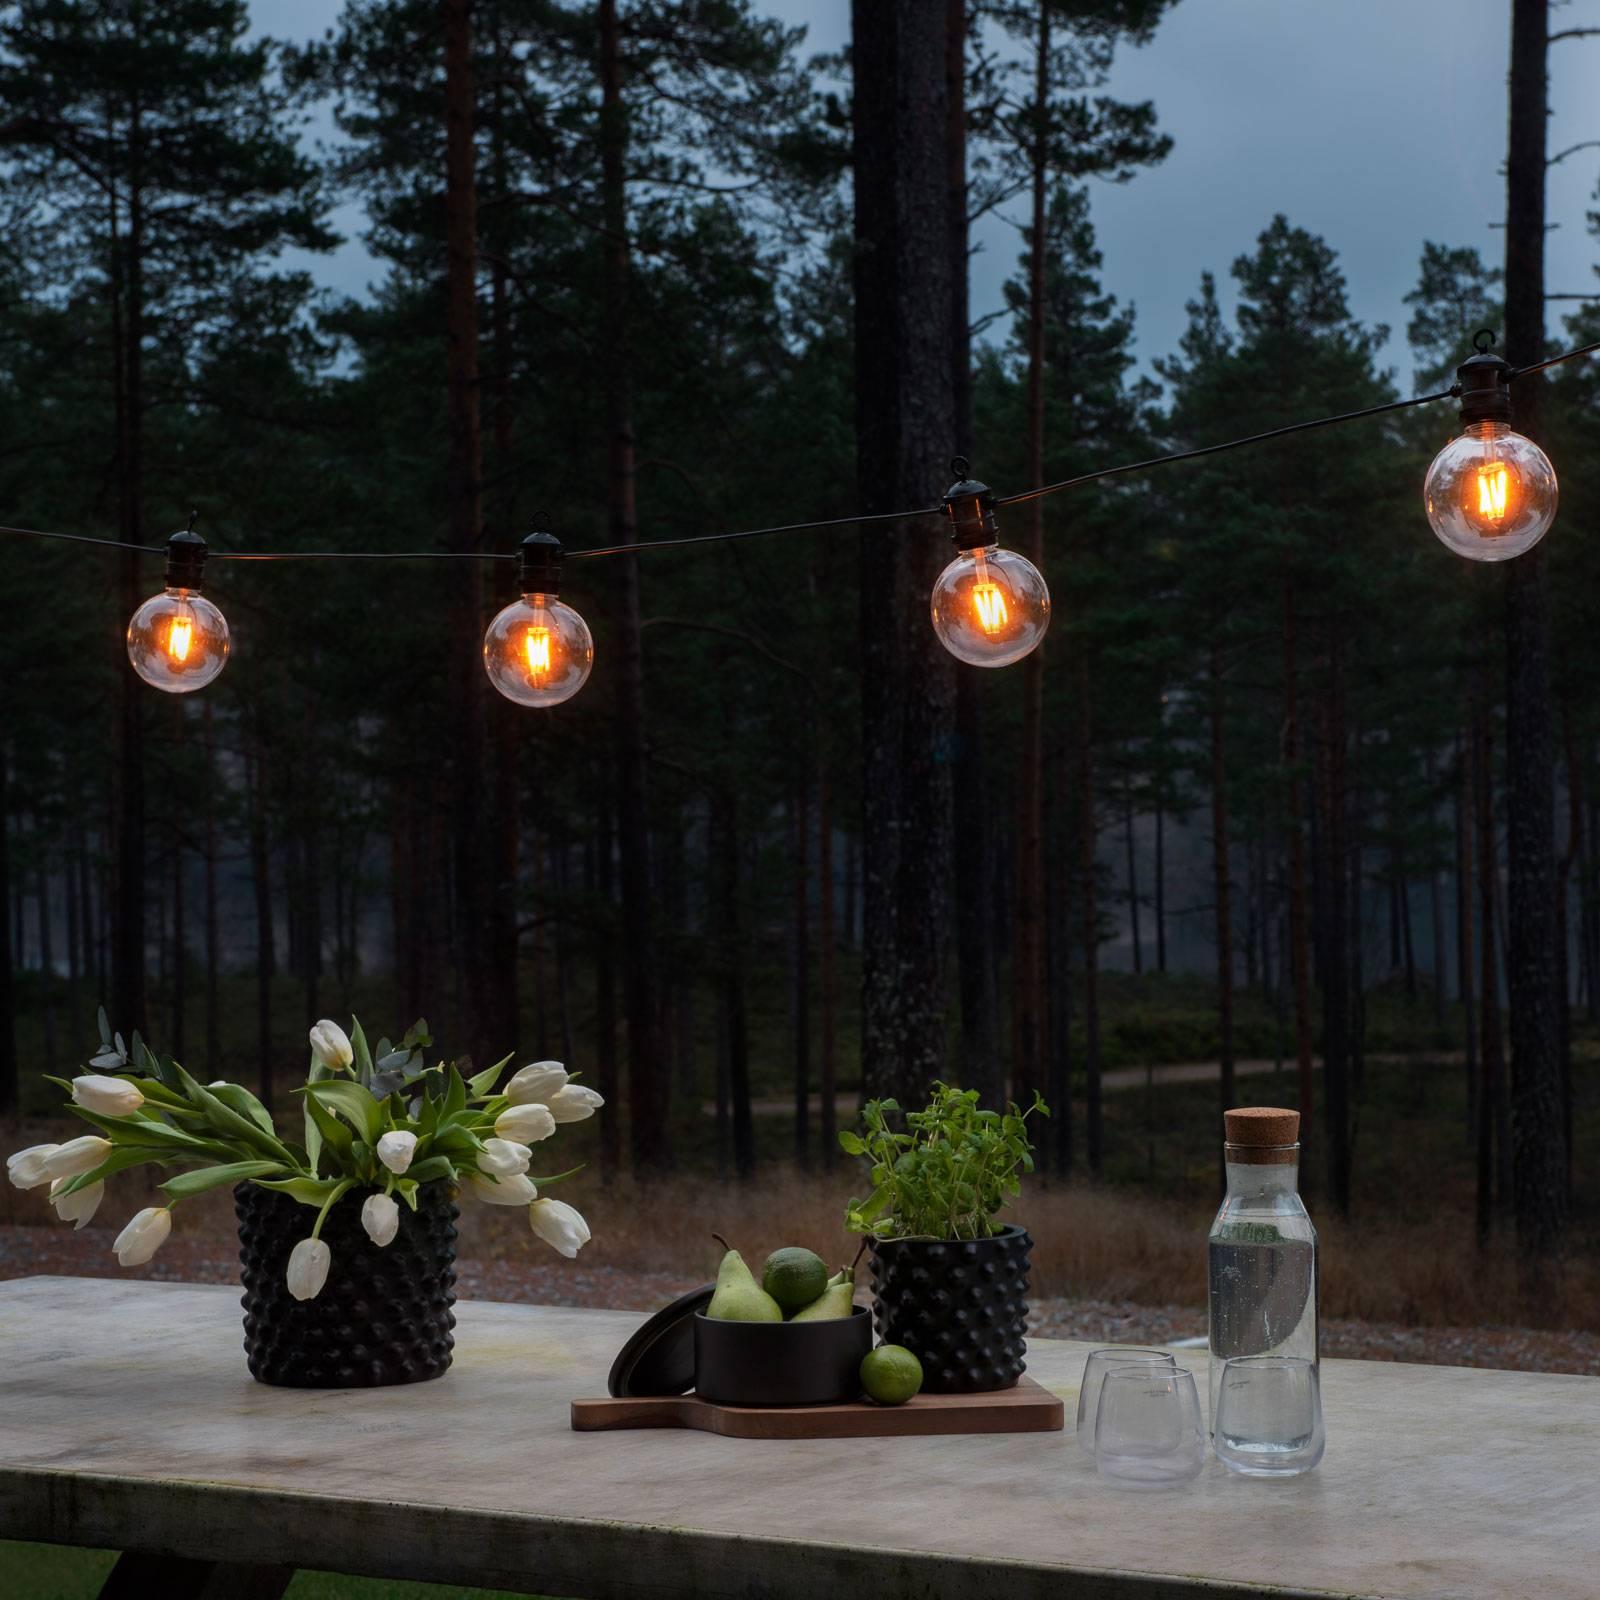 Konstmide CHRISTMAS LED světelný řetěz Globe venkovní 10 zdrojů